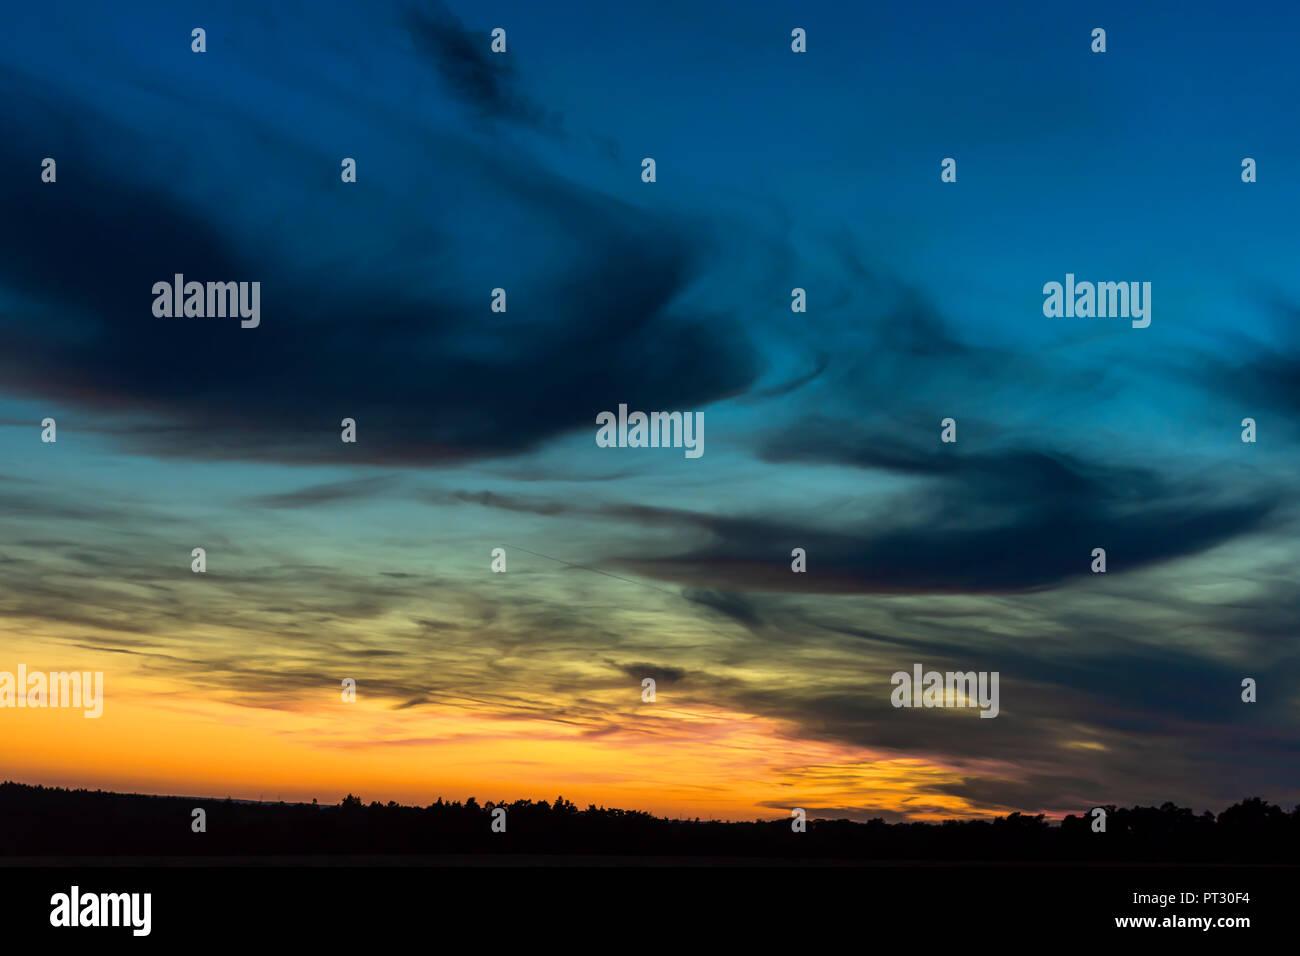 La silhouette du paysage avec des nuages sombres dans le ciel du soir, Bavière, Allemagne Photo Stock